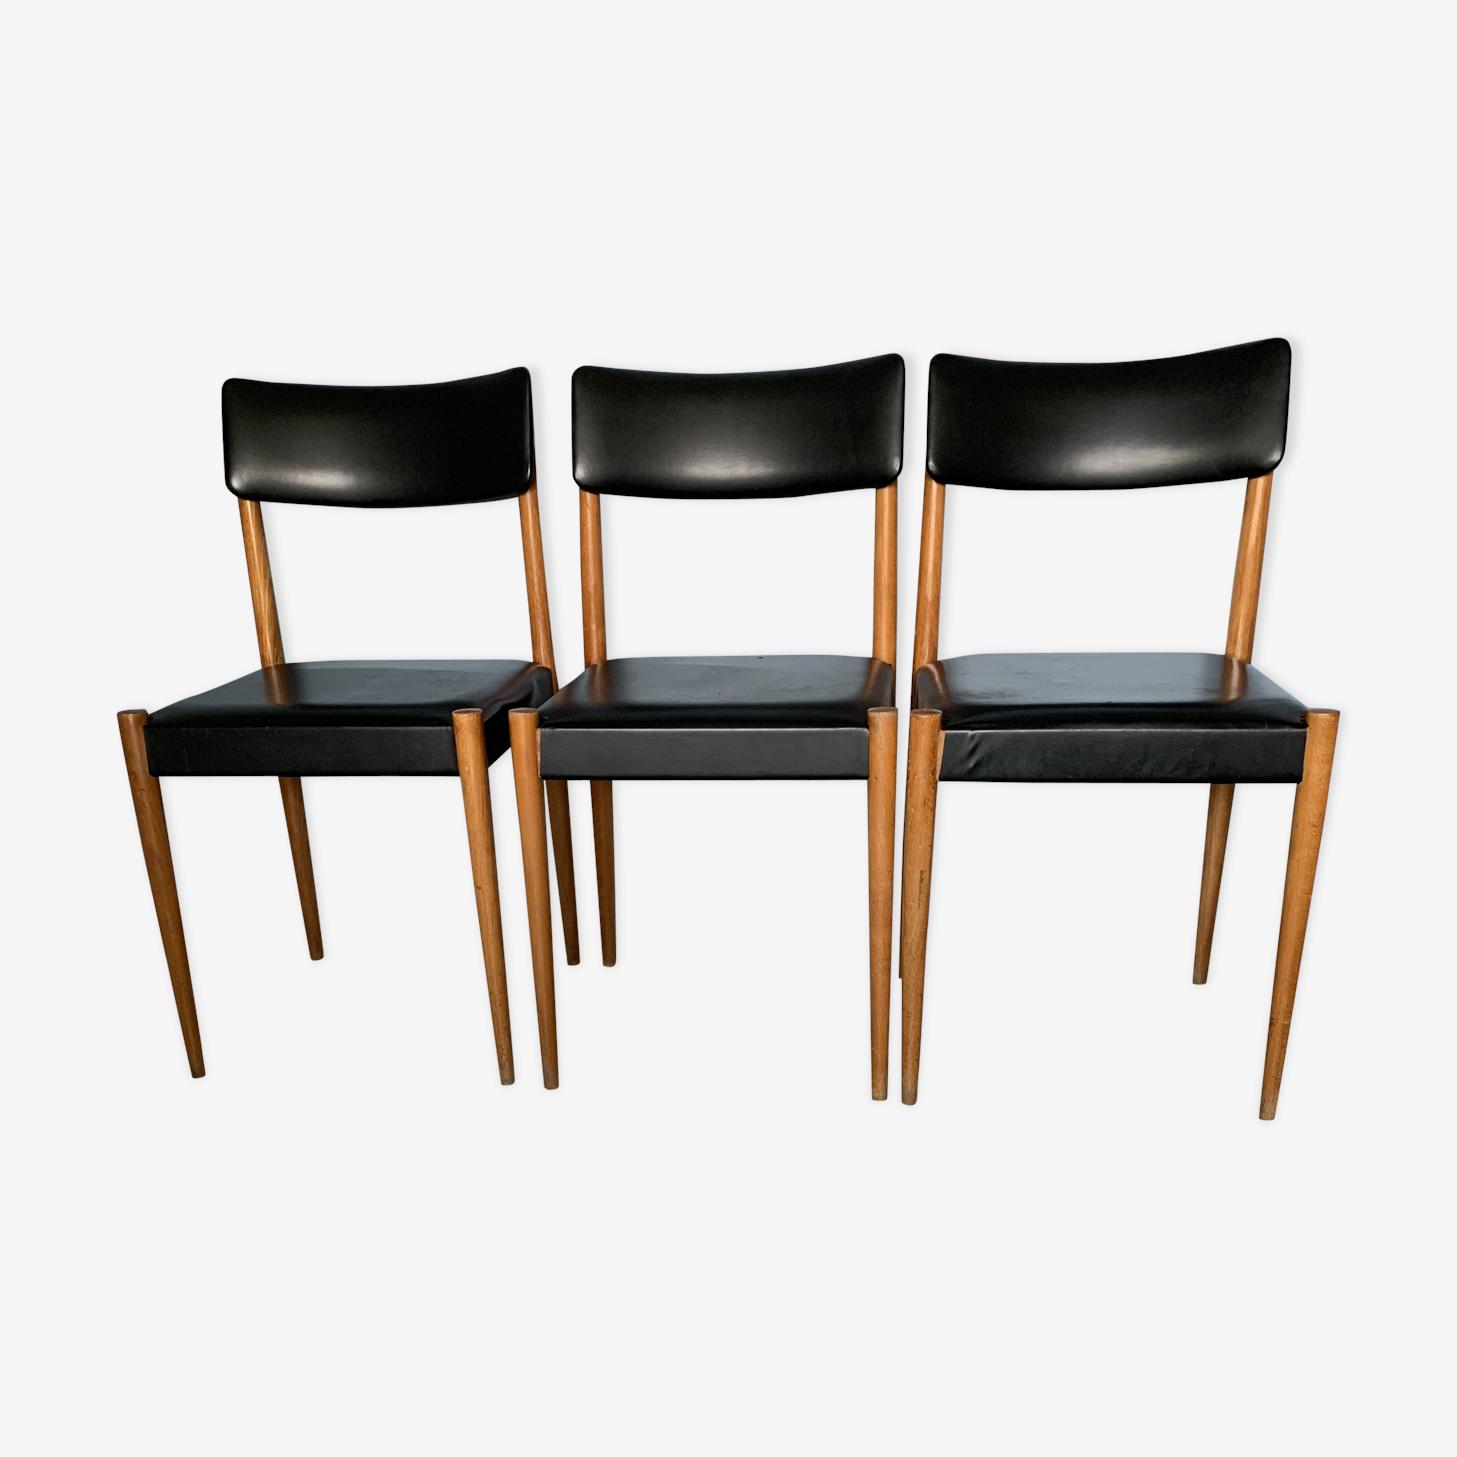 Série de 3 chaises 70's